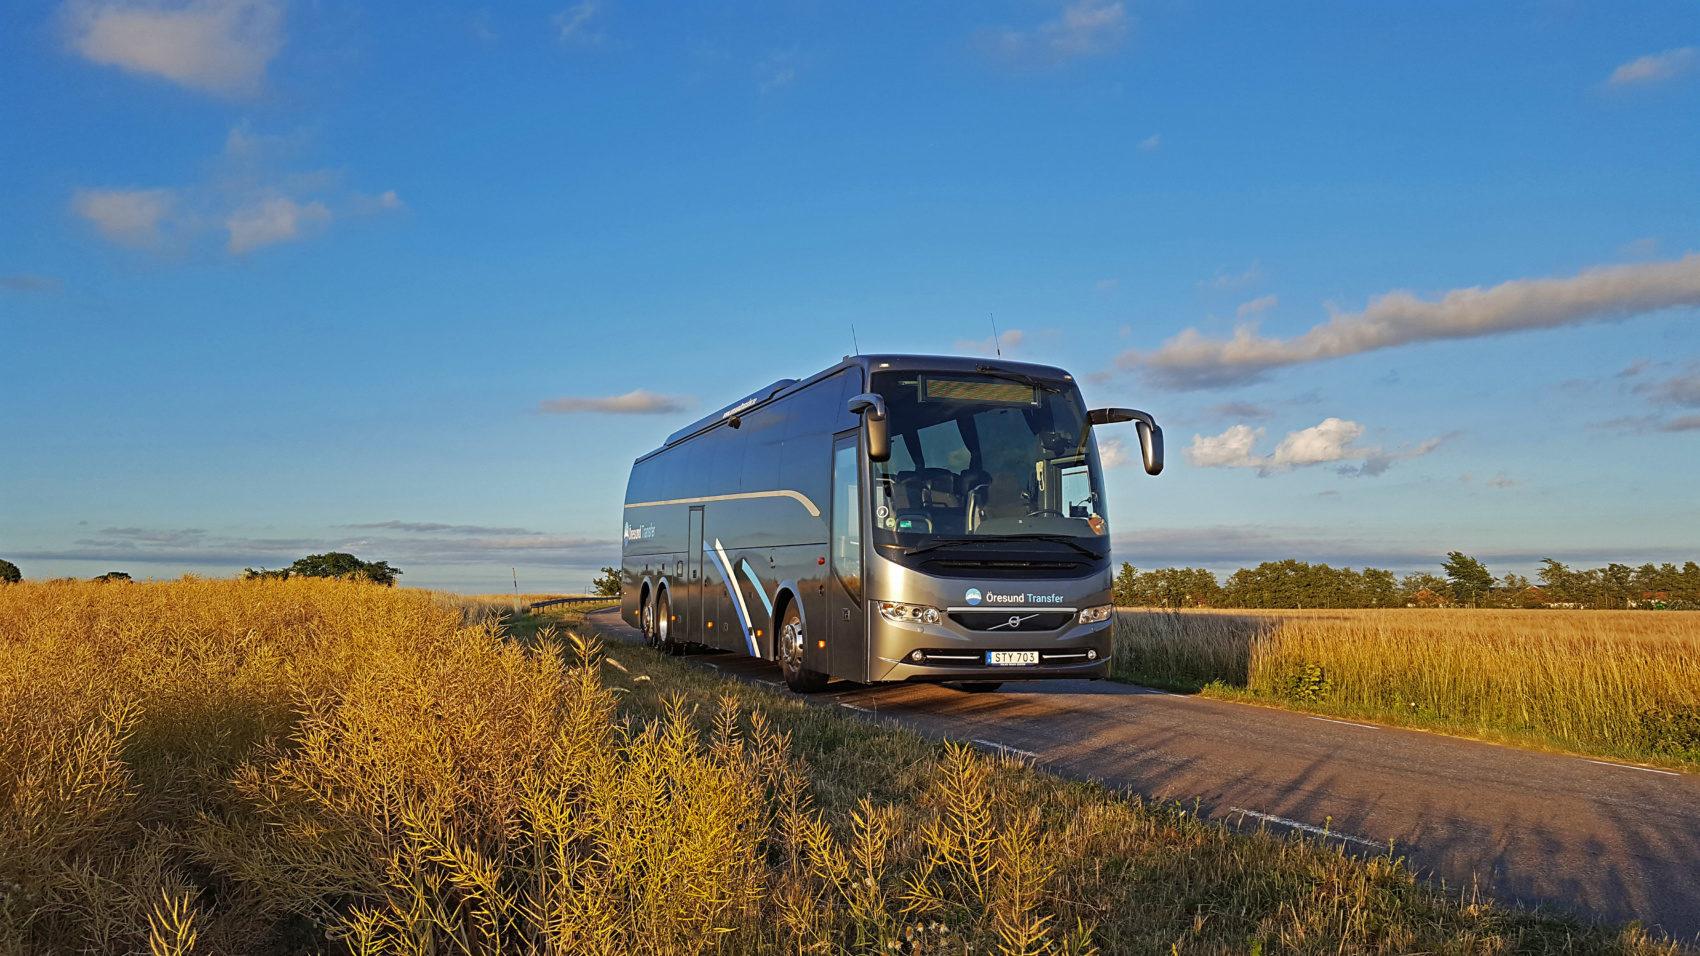 Hyra buss i Malmö, Lund, Helsingborg, Skåne